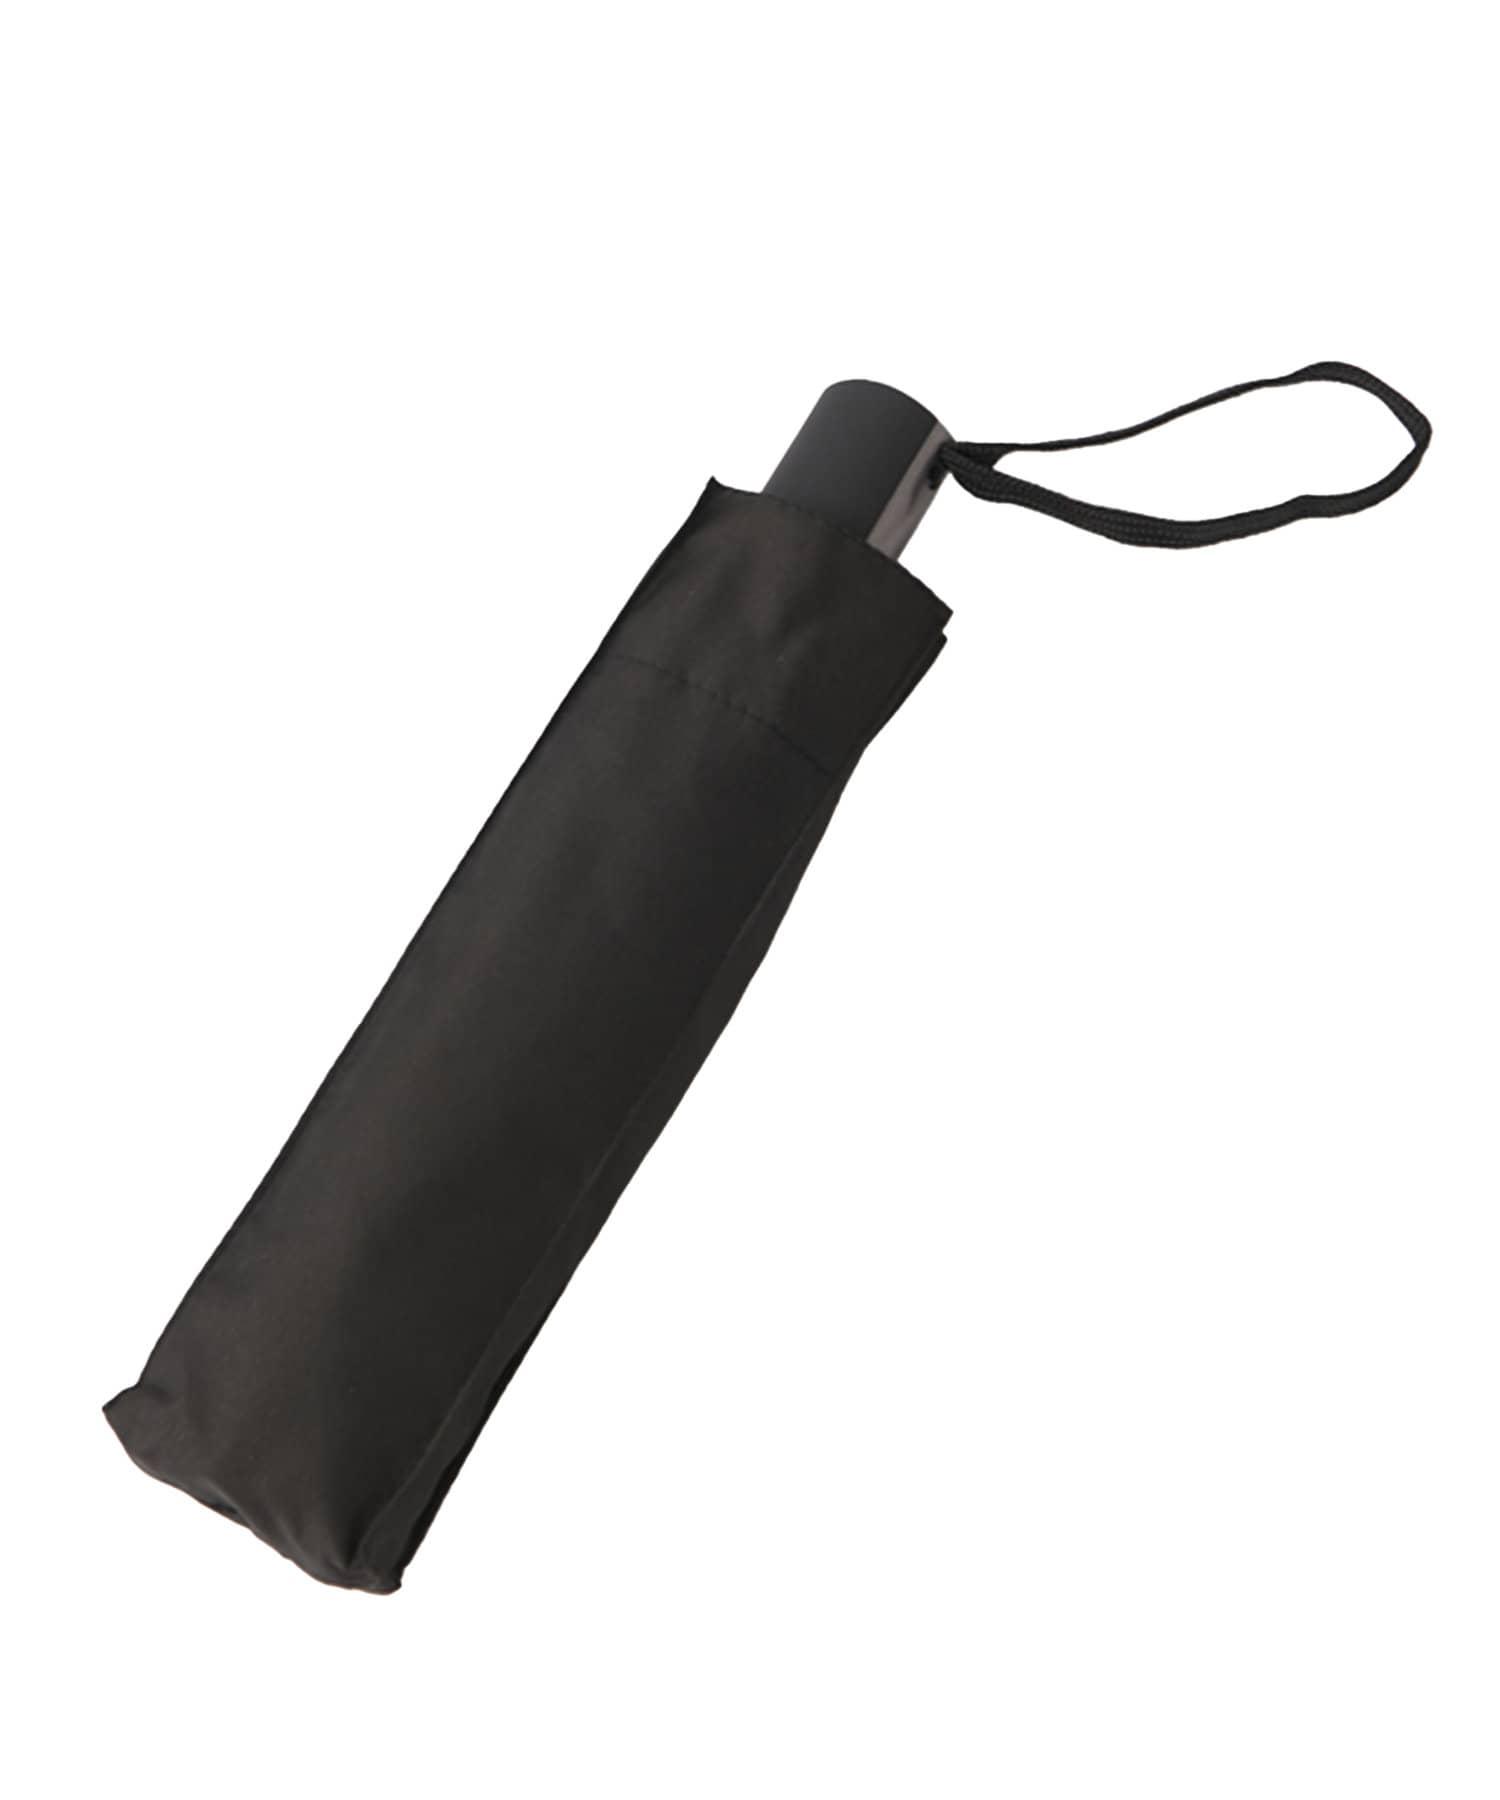 3COINS(スリーコインズ) ライフスタイル 自動開閉折り畳み傘 ブラック